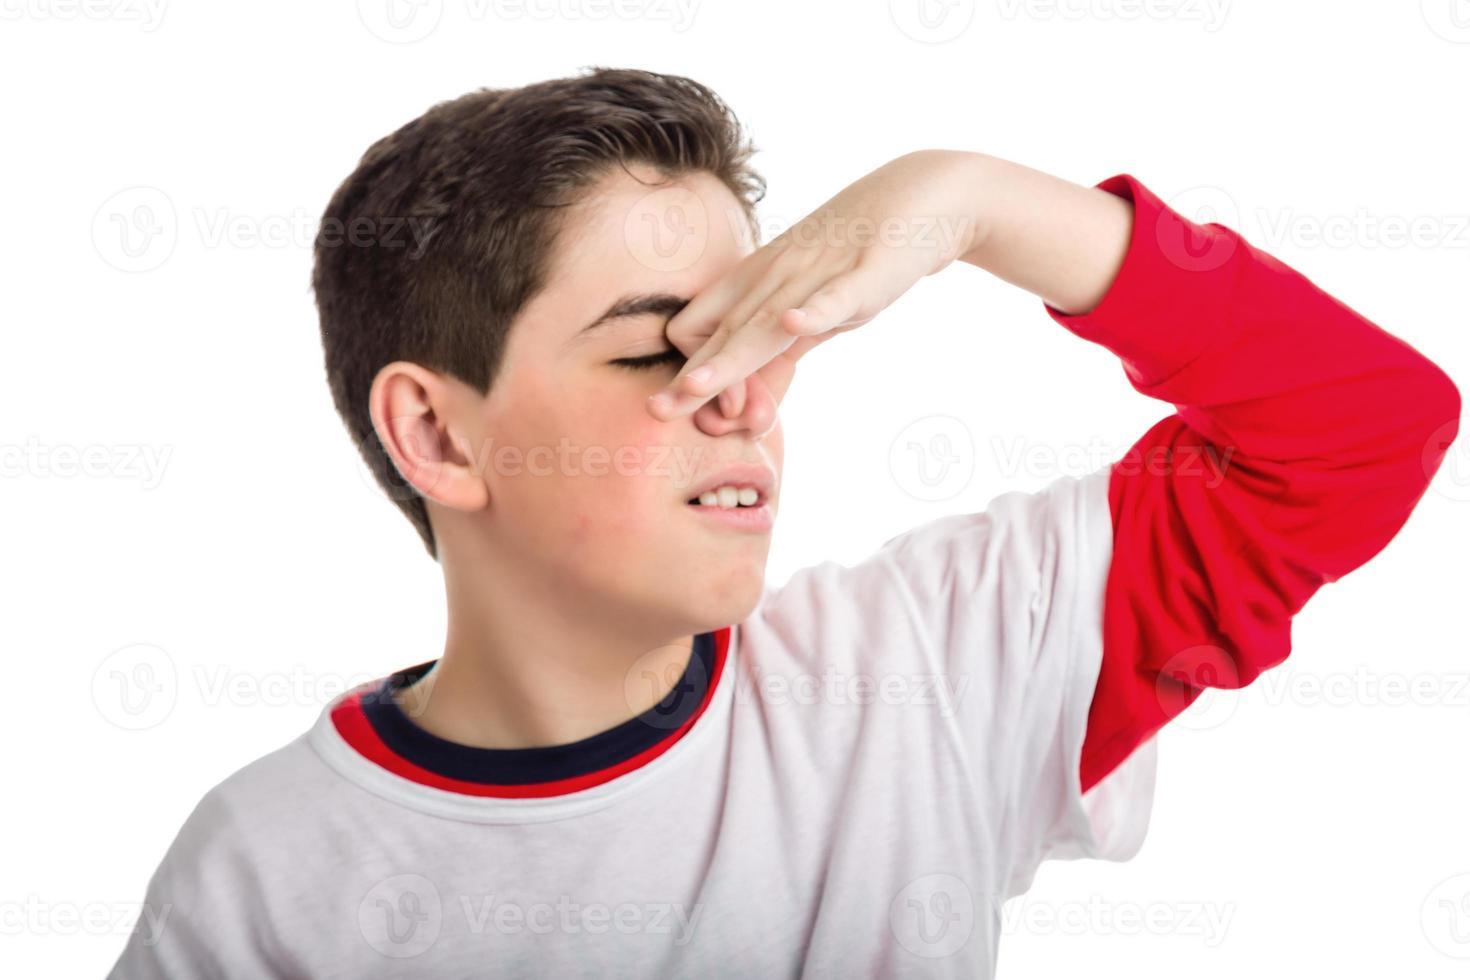 kaukasischer glatthäutiger Junge, der seine Nase verstopft foto